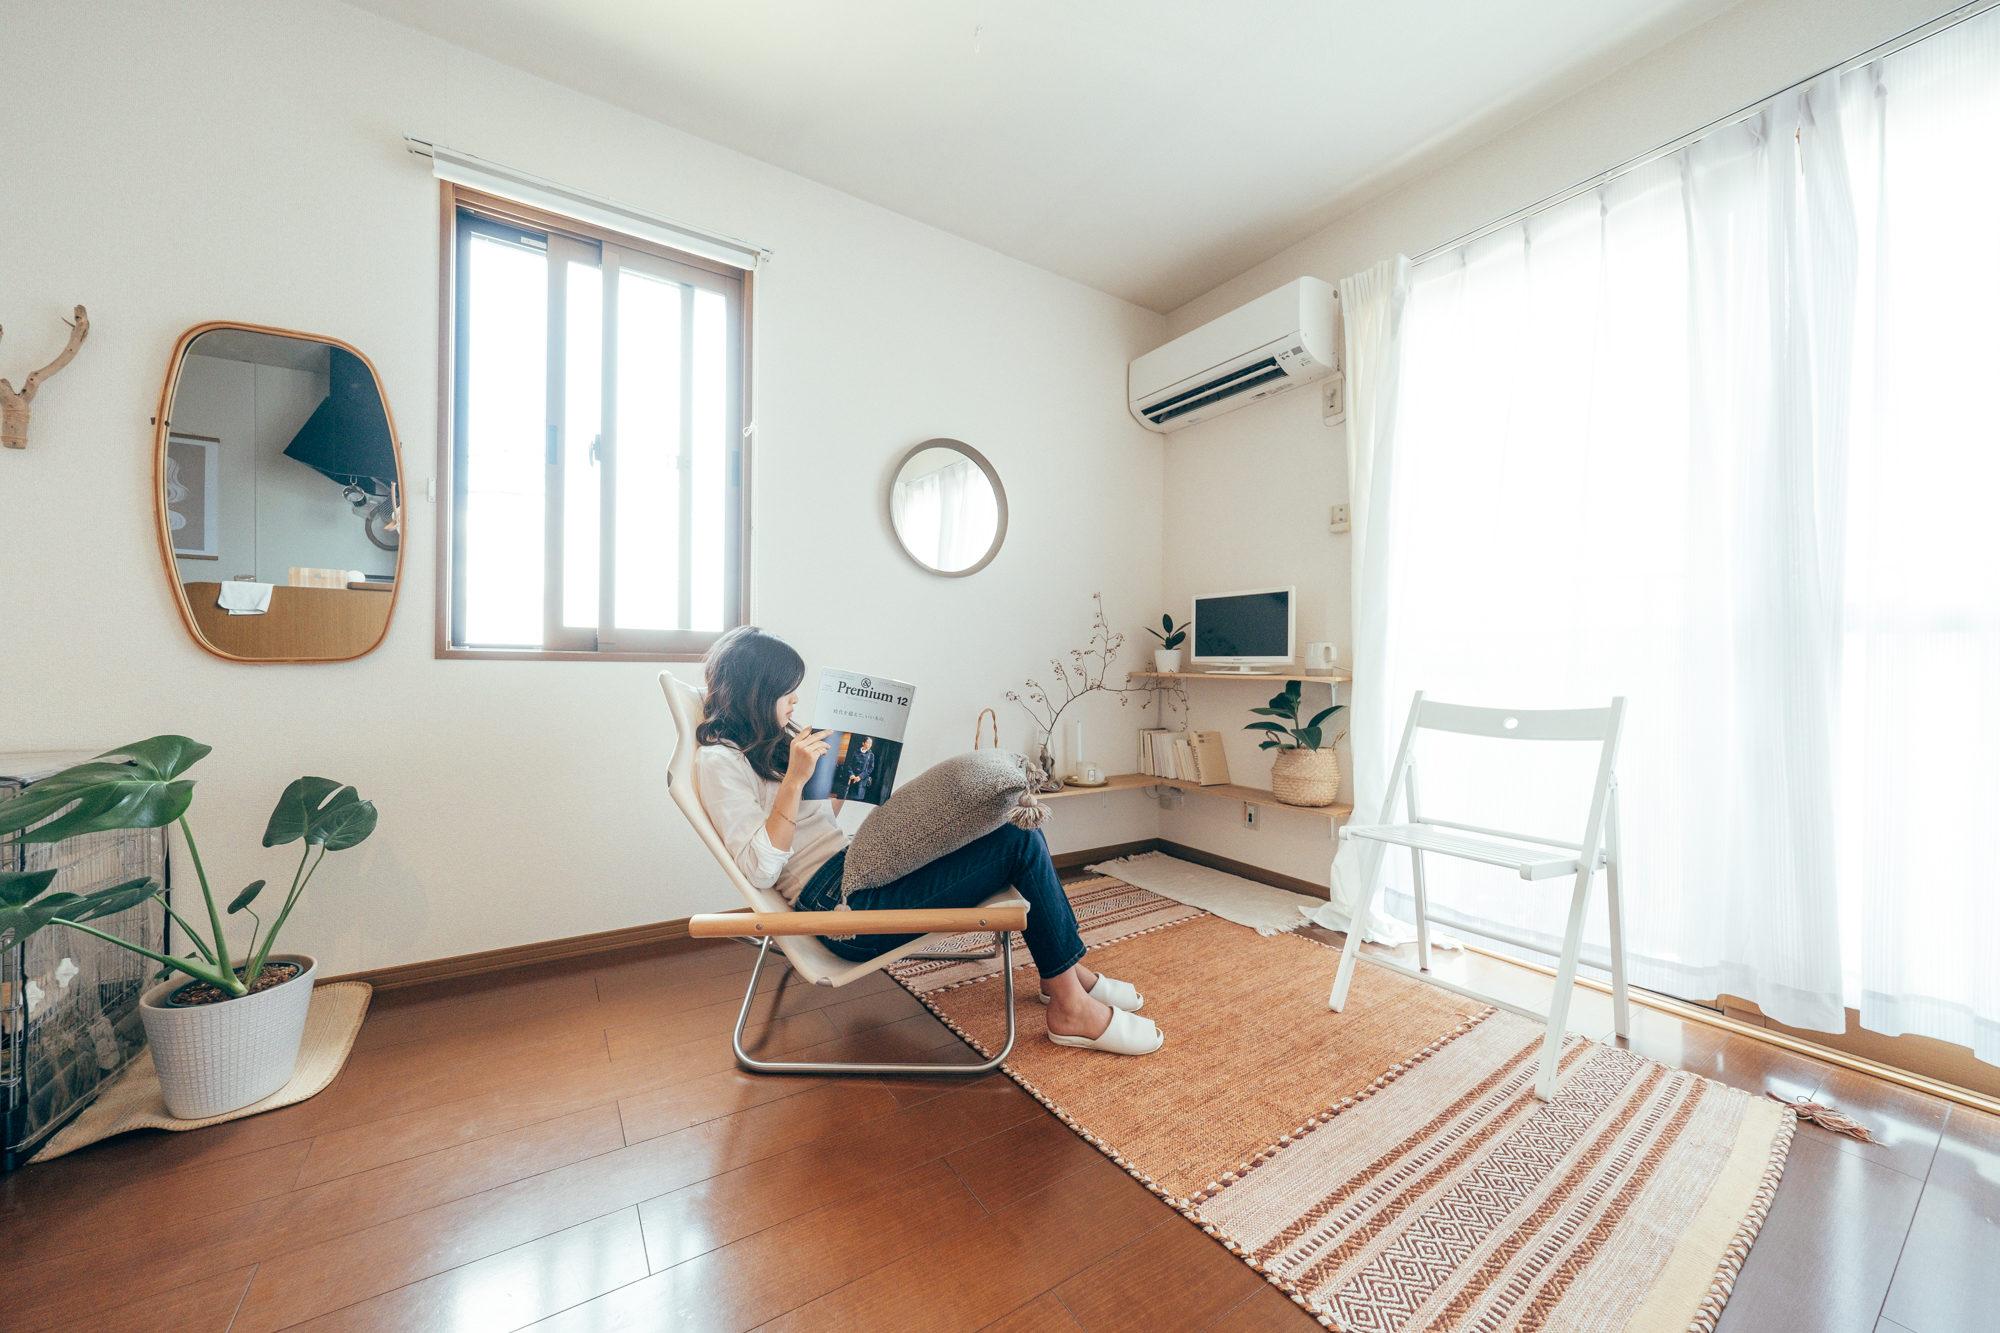 横になったり、本を読んだり、のんびり過ごせる場所。コンパクトなワンルームでも、そんな空間を持つことができるって素敵ですよね。(このお部屋をもっと見る)